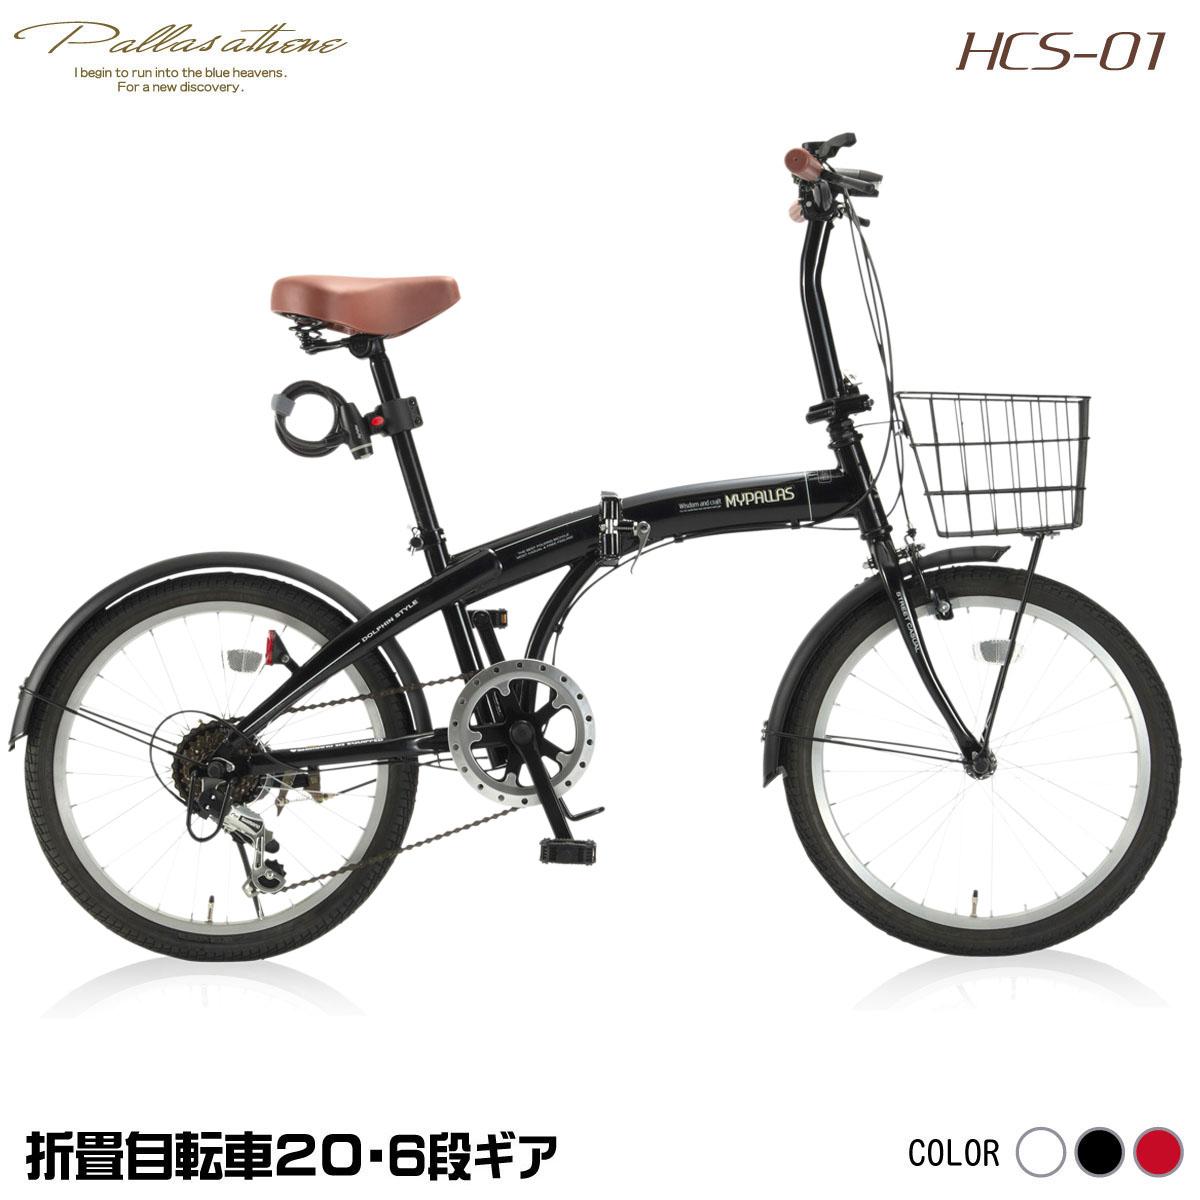 【送料無料】マイパラス HCS-01-BK ブラック [折りたたみ自転車(20インチ・6段変速)]【同梱配送不可】【代引き不可】【本州以外配送不可】